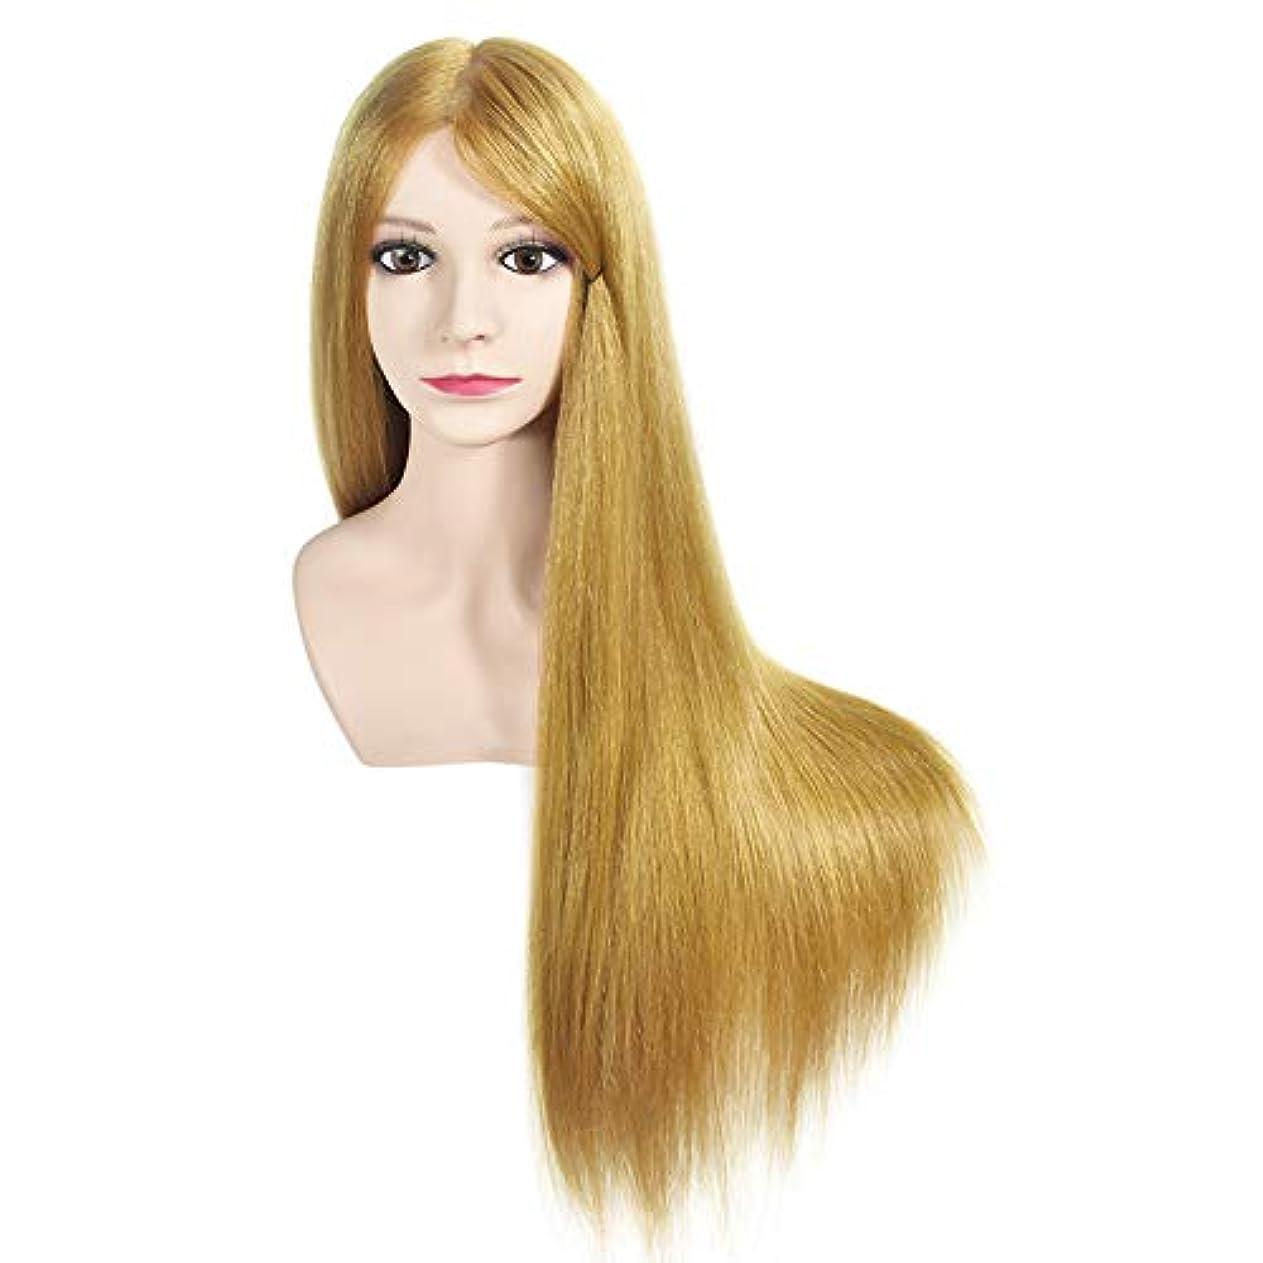 部屋を掃除する悪名高い奨学金サロンヘアブレイド理髪指導ヘッドスタイリング散髪ダミーヘッド化粧学習ショルダーマネキンヘッド